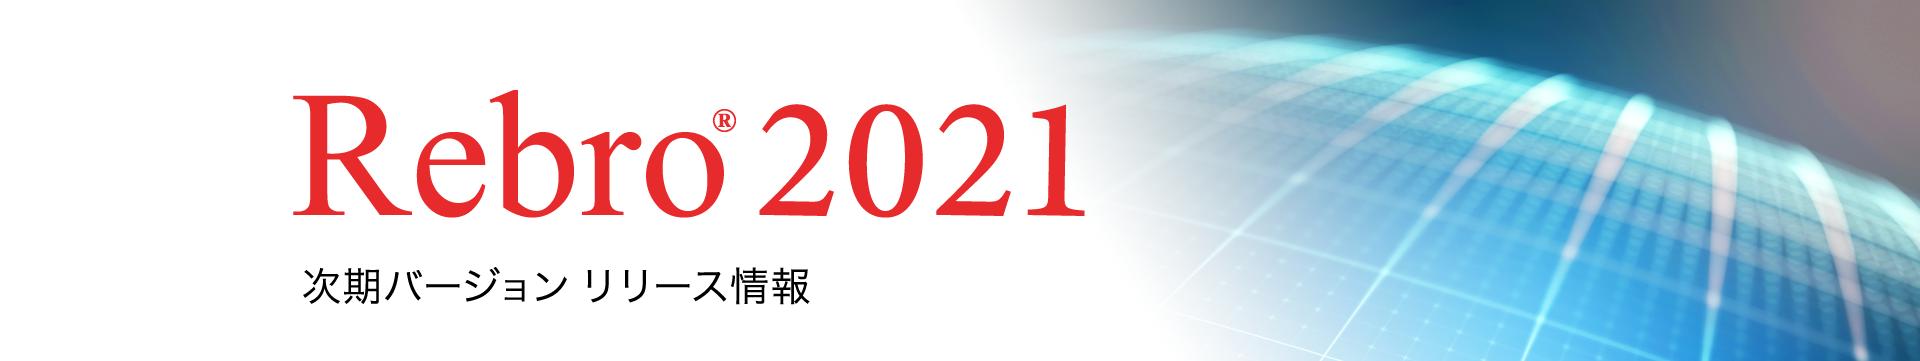 Rebro 2021 次期バージョン リリース情報